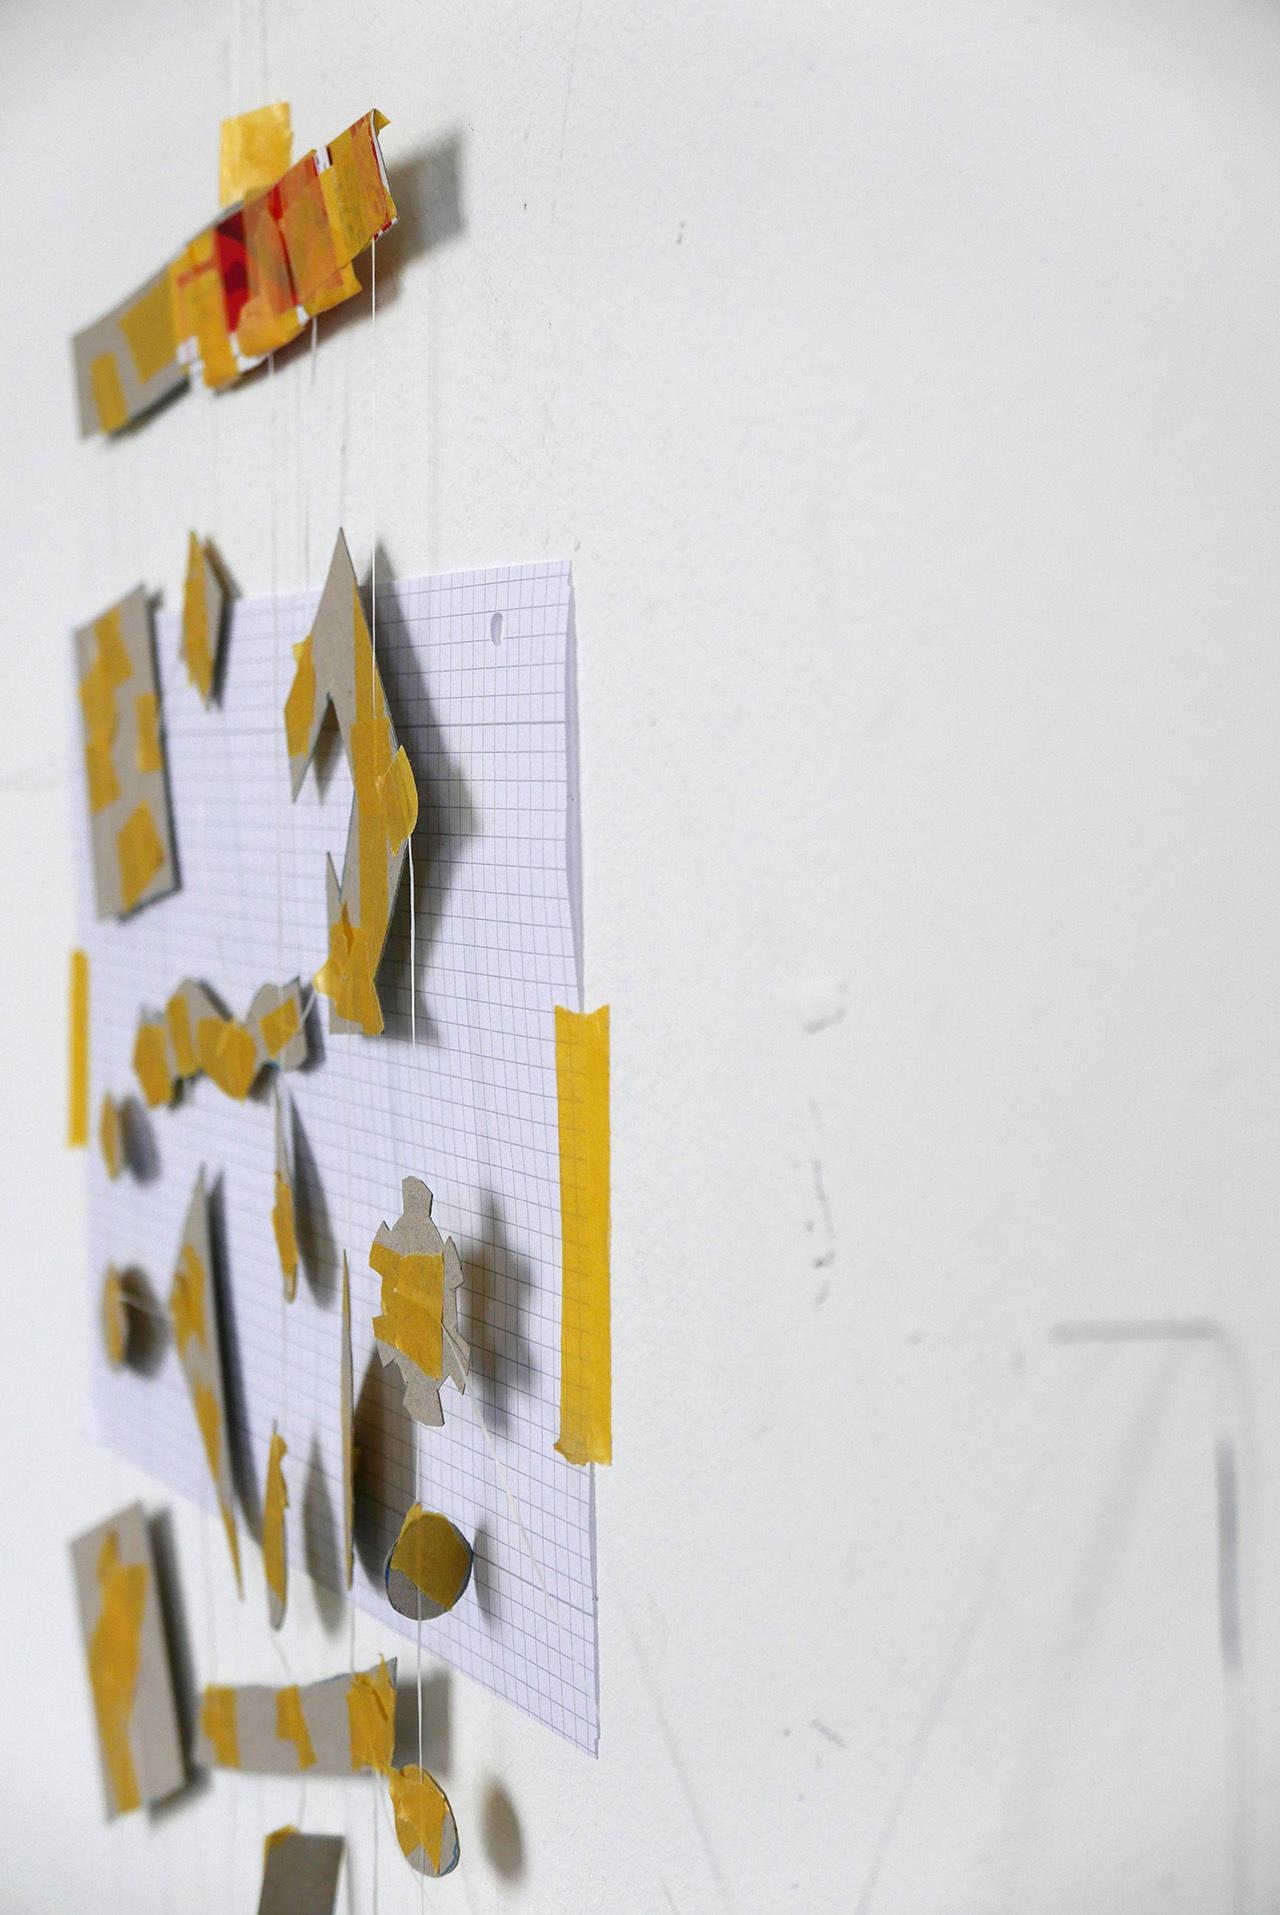 KATAPULT_kunstmaschinen_1280_057